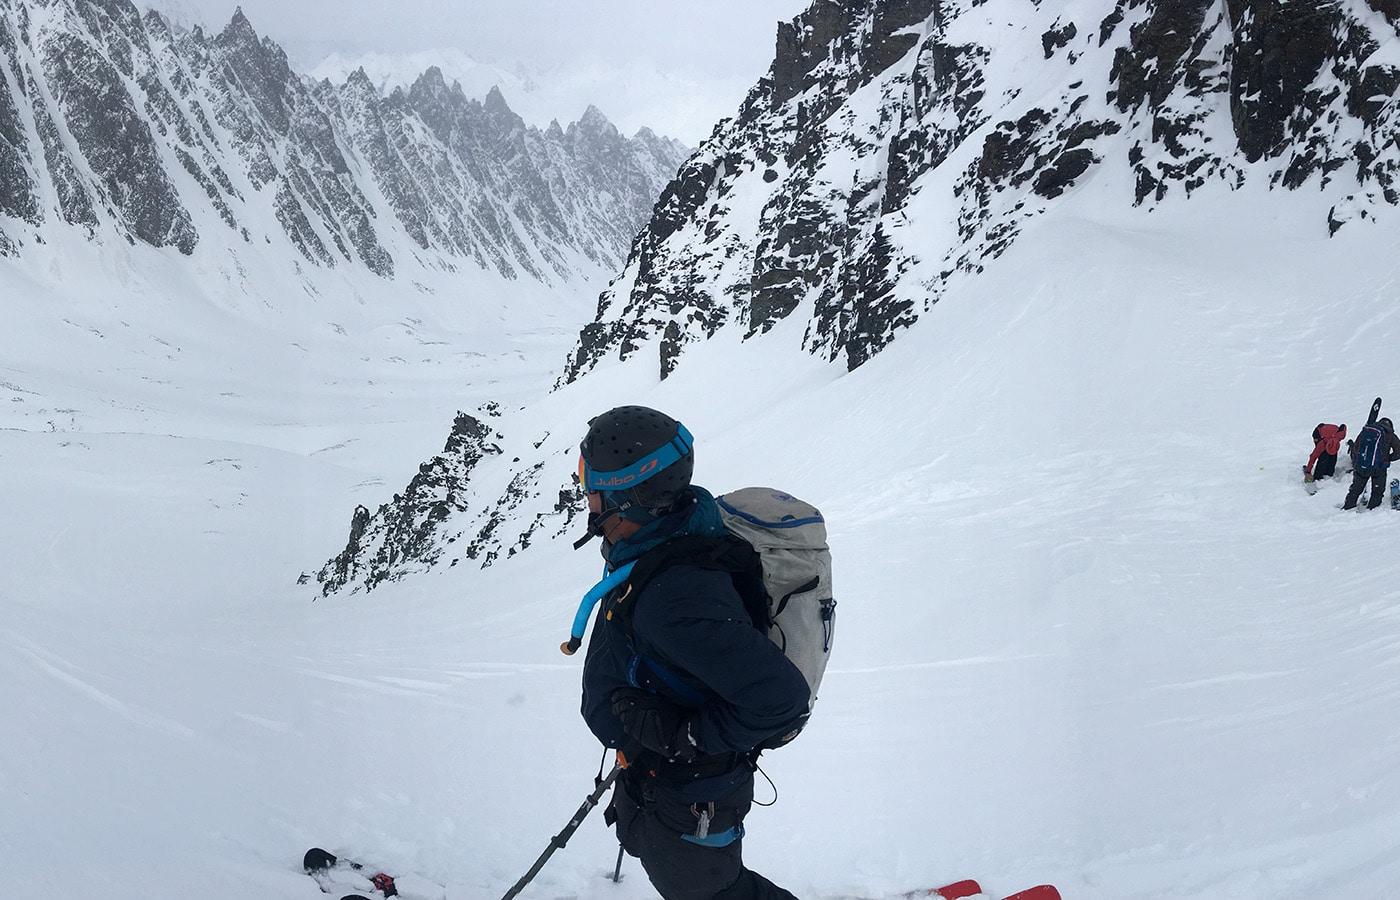 Ski Touring in Valdez, Alaska